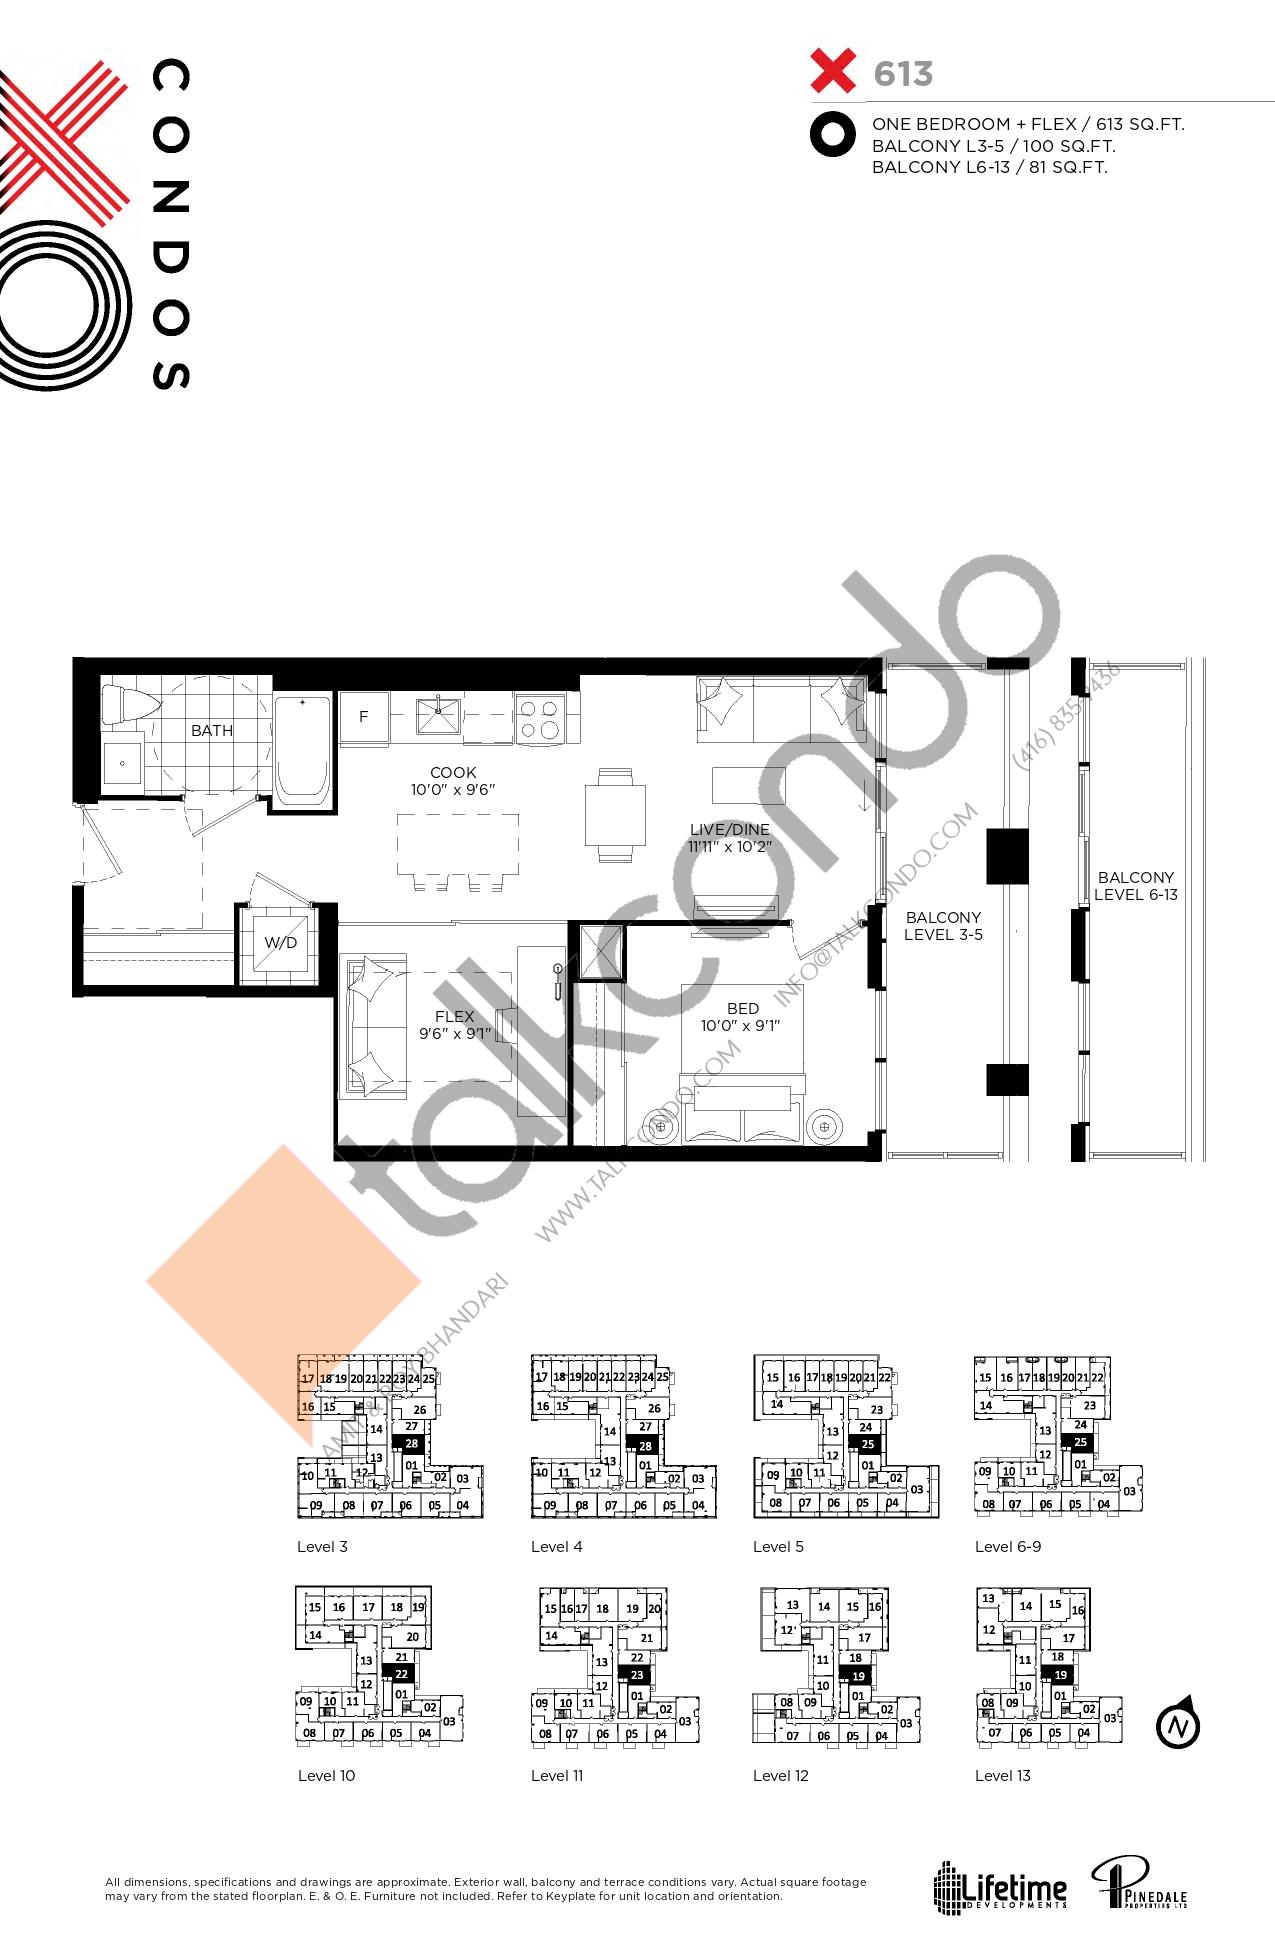 X613 Floor Plan at XO Condos - 613 sq.ft